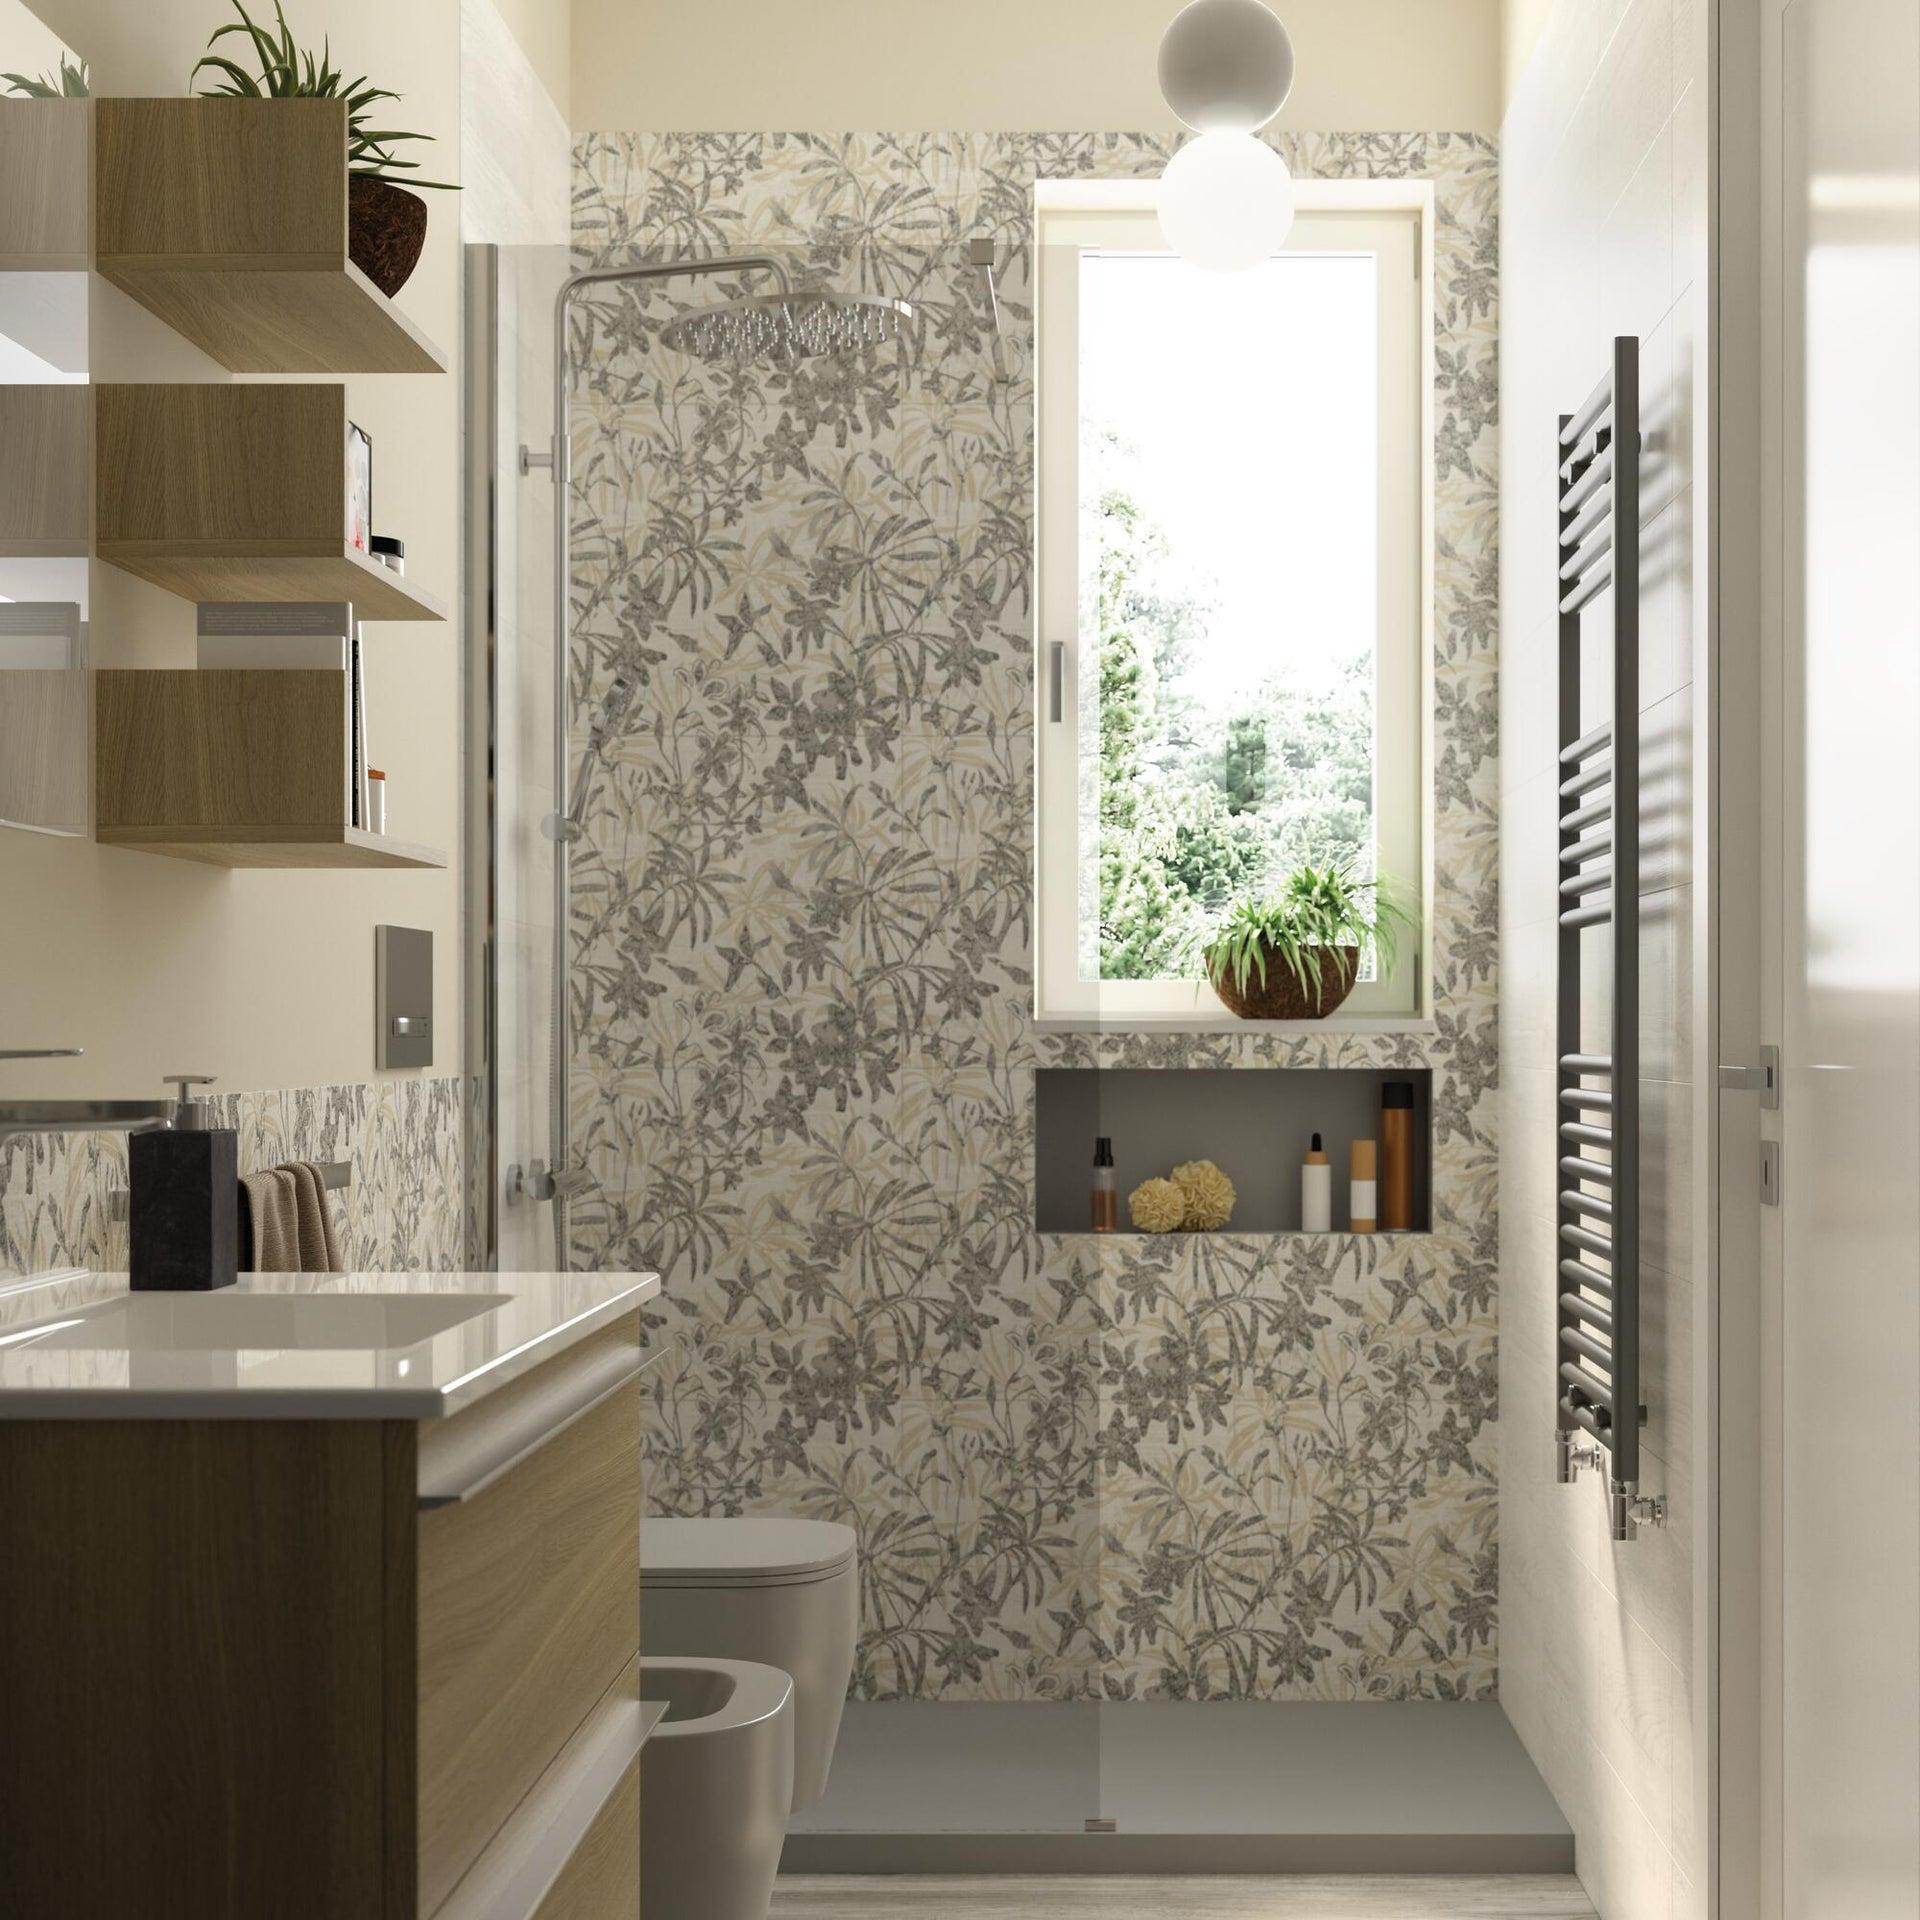 Piatto doccia ultrasottile resina sintetica e polvere di marmo Remix 80 x 140 cm grigio - 3